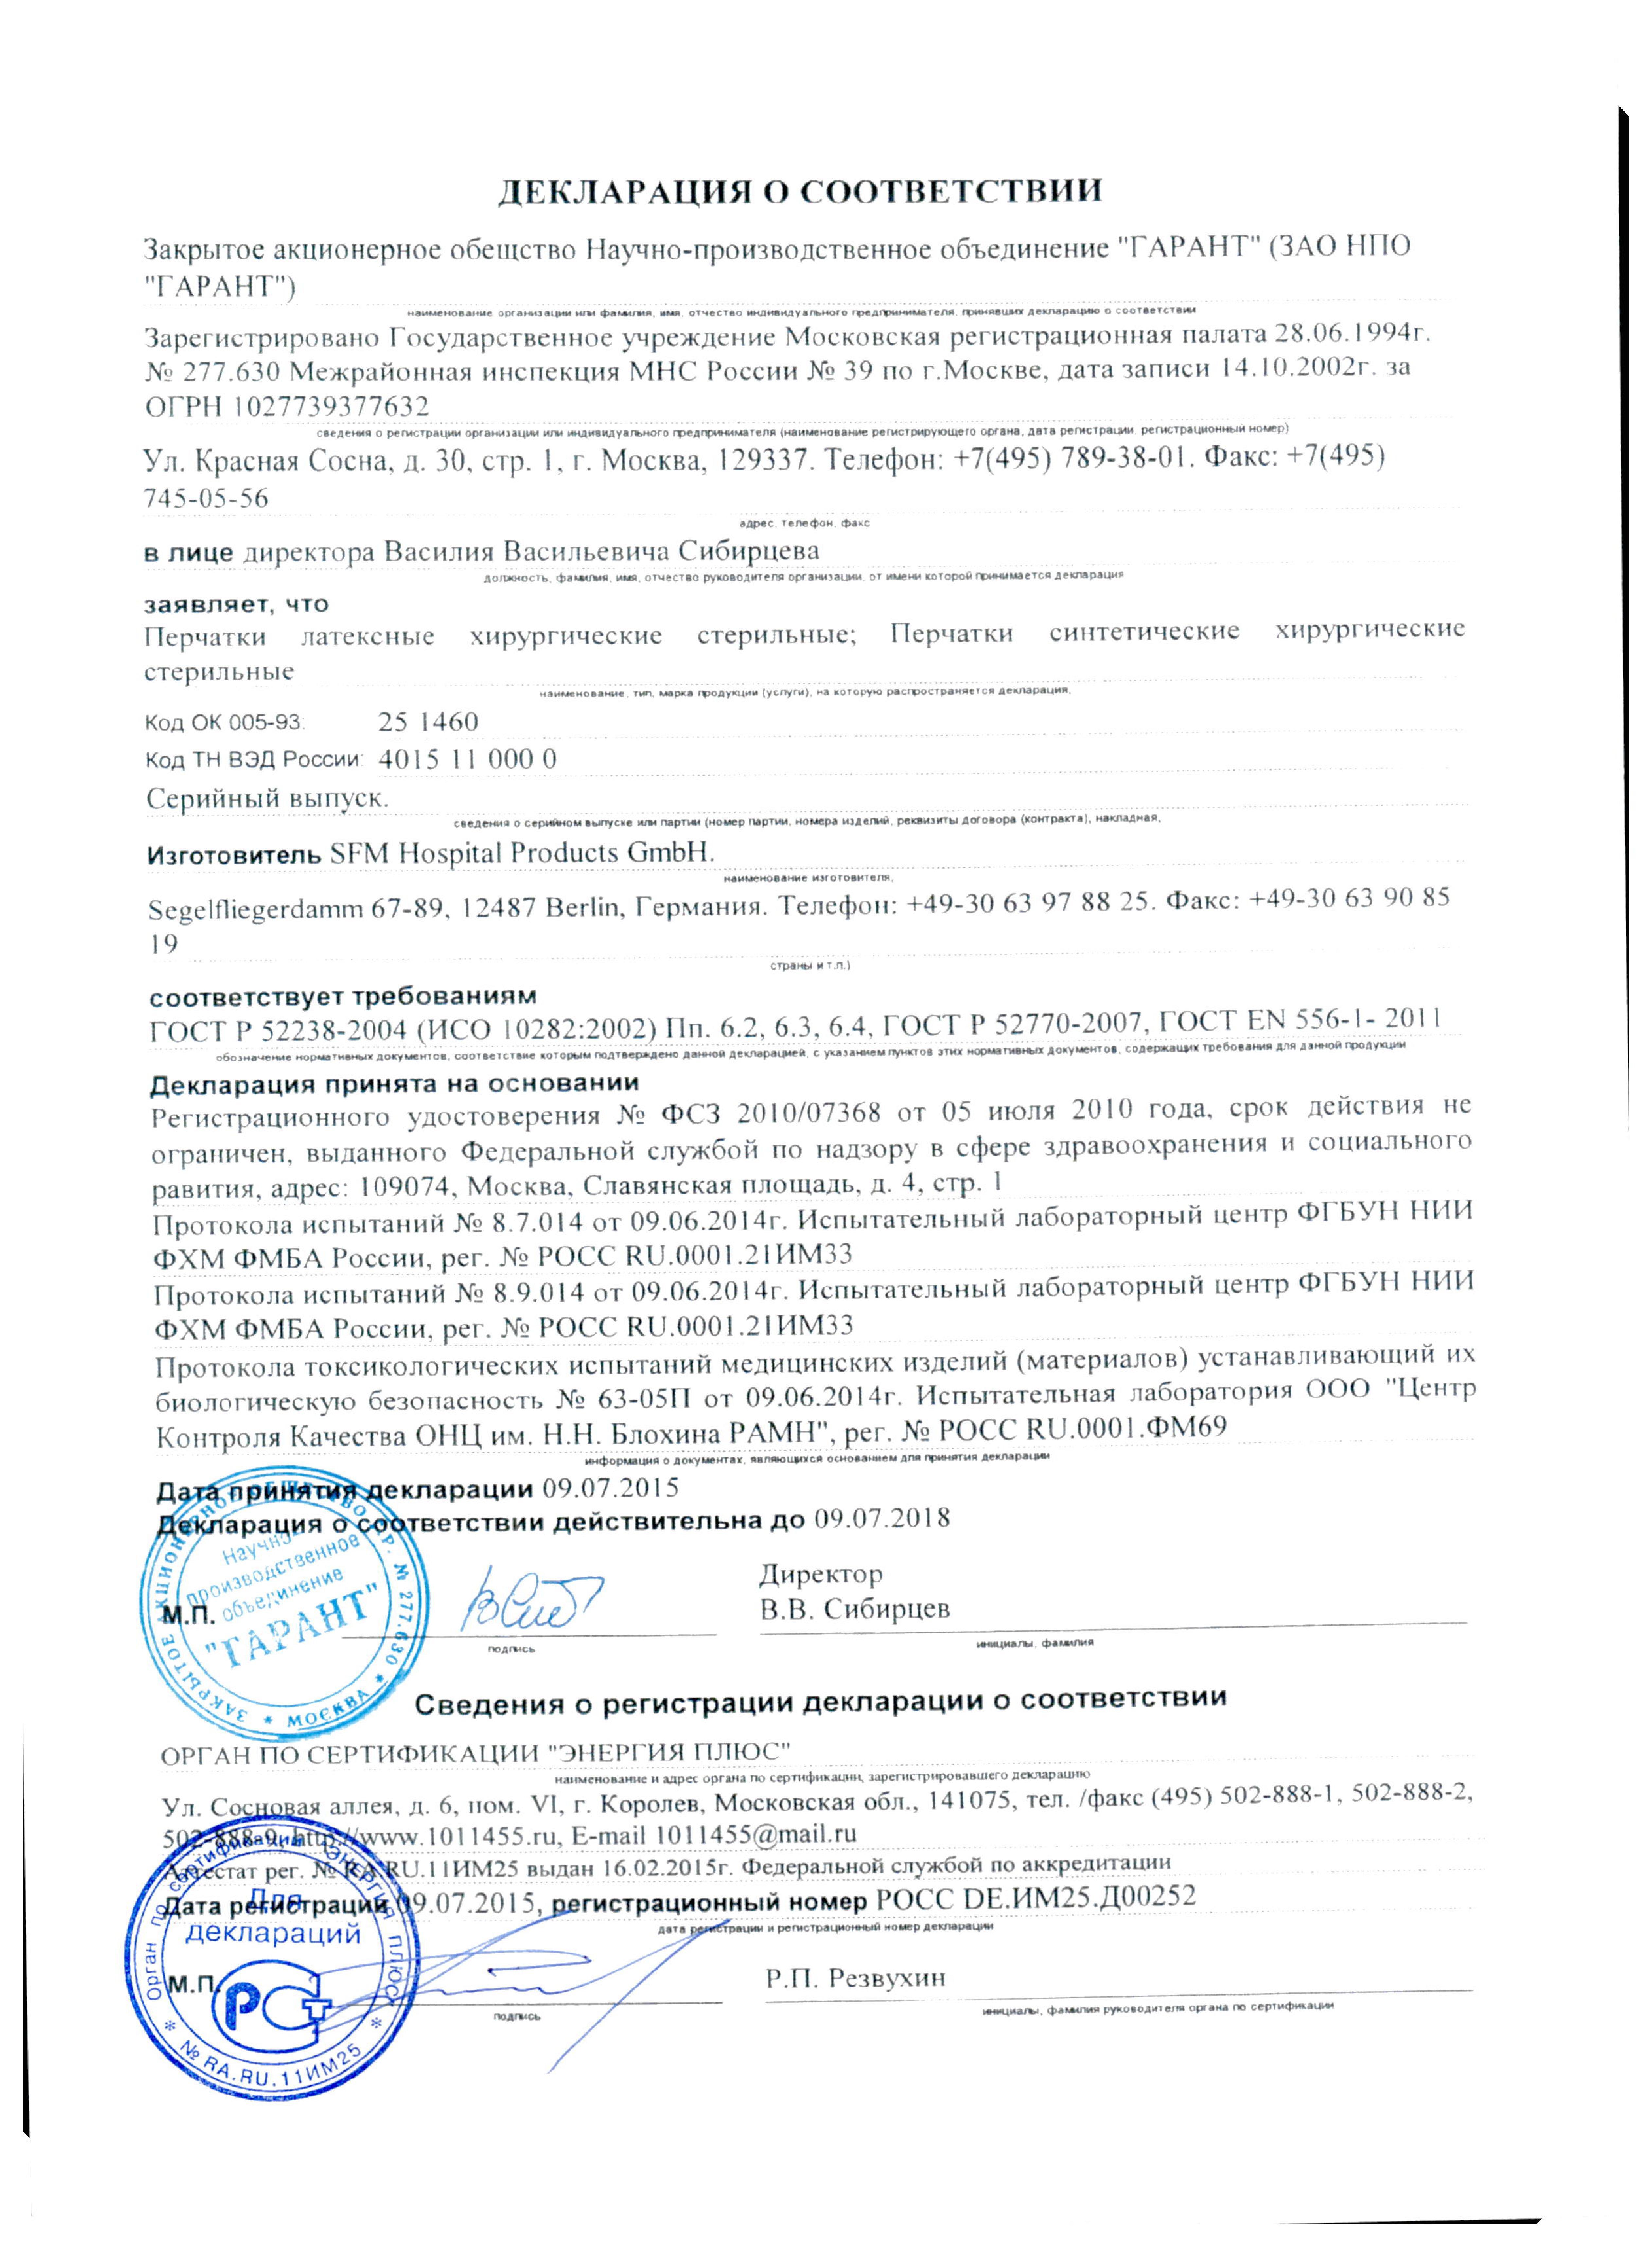 Декларация-хир-СТЕР-09.07.15-09.07.18